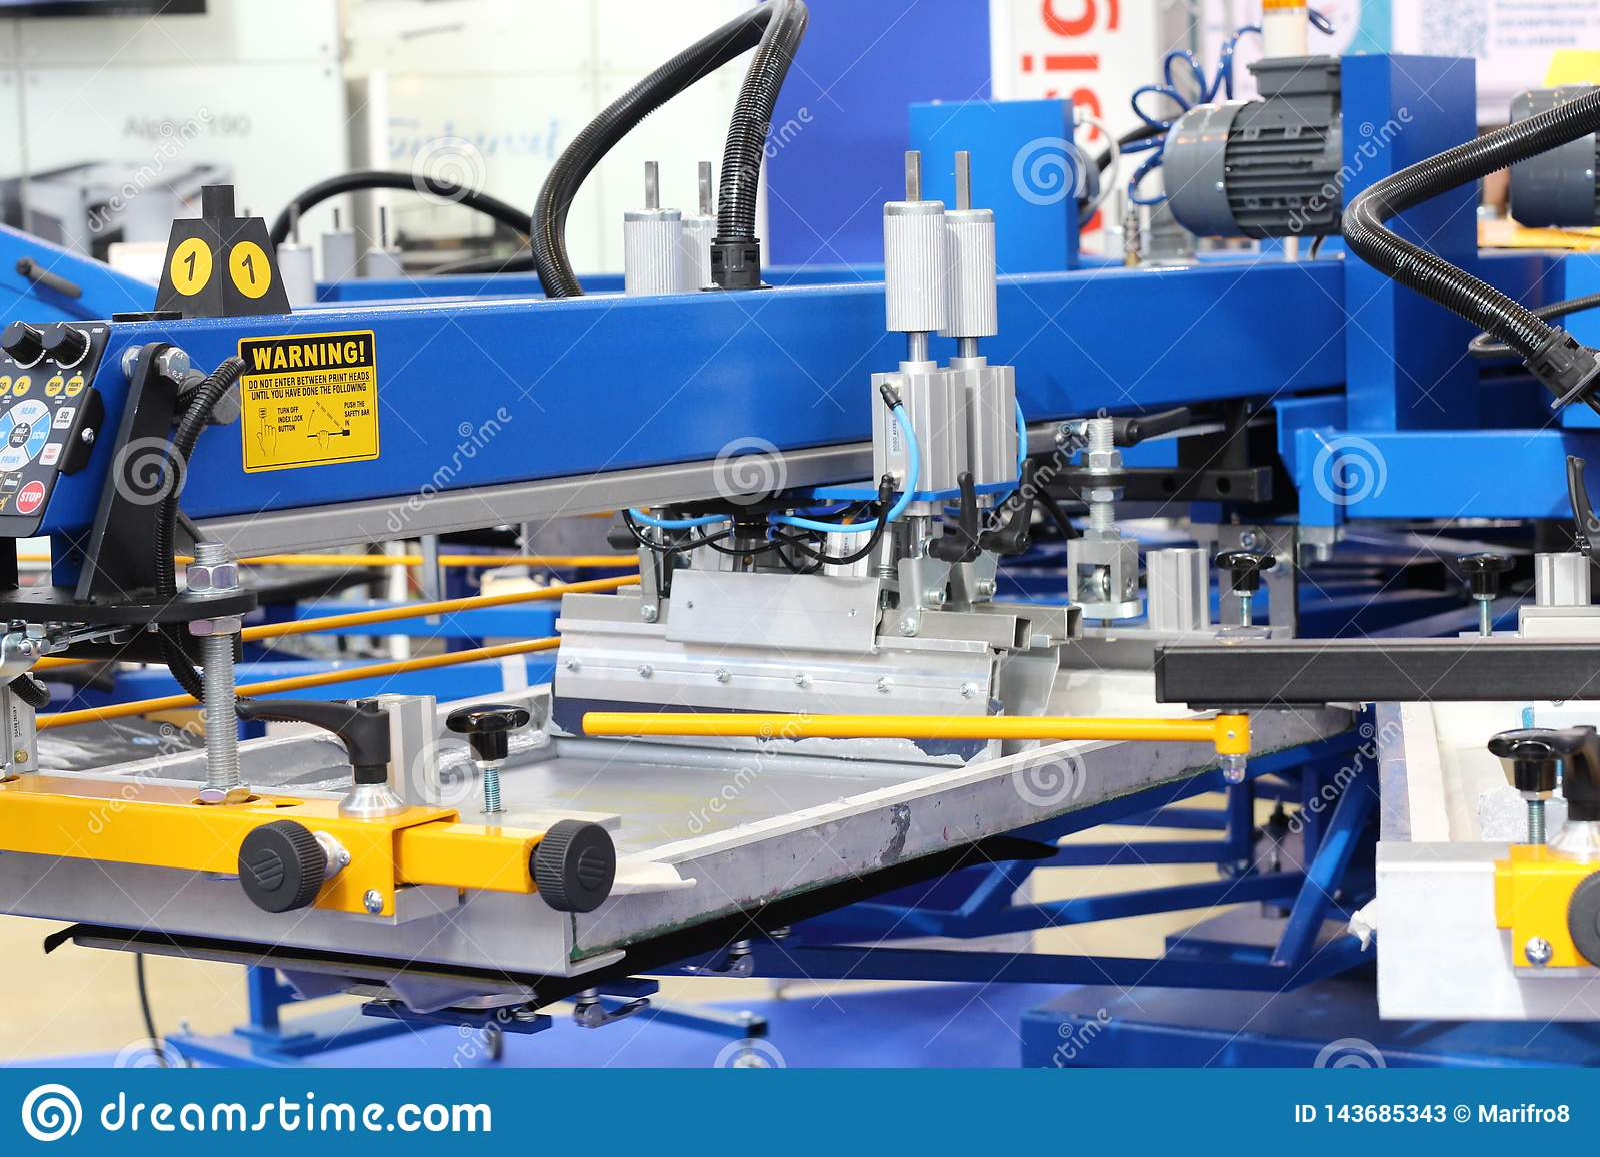 Materiaal om op textiel te drukken Automatische drukpers